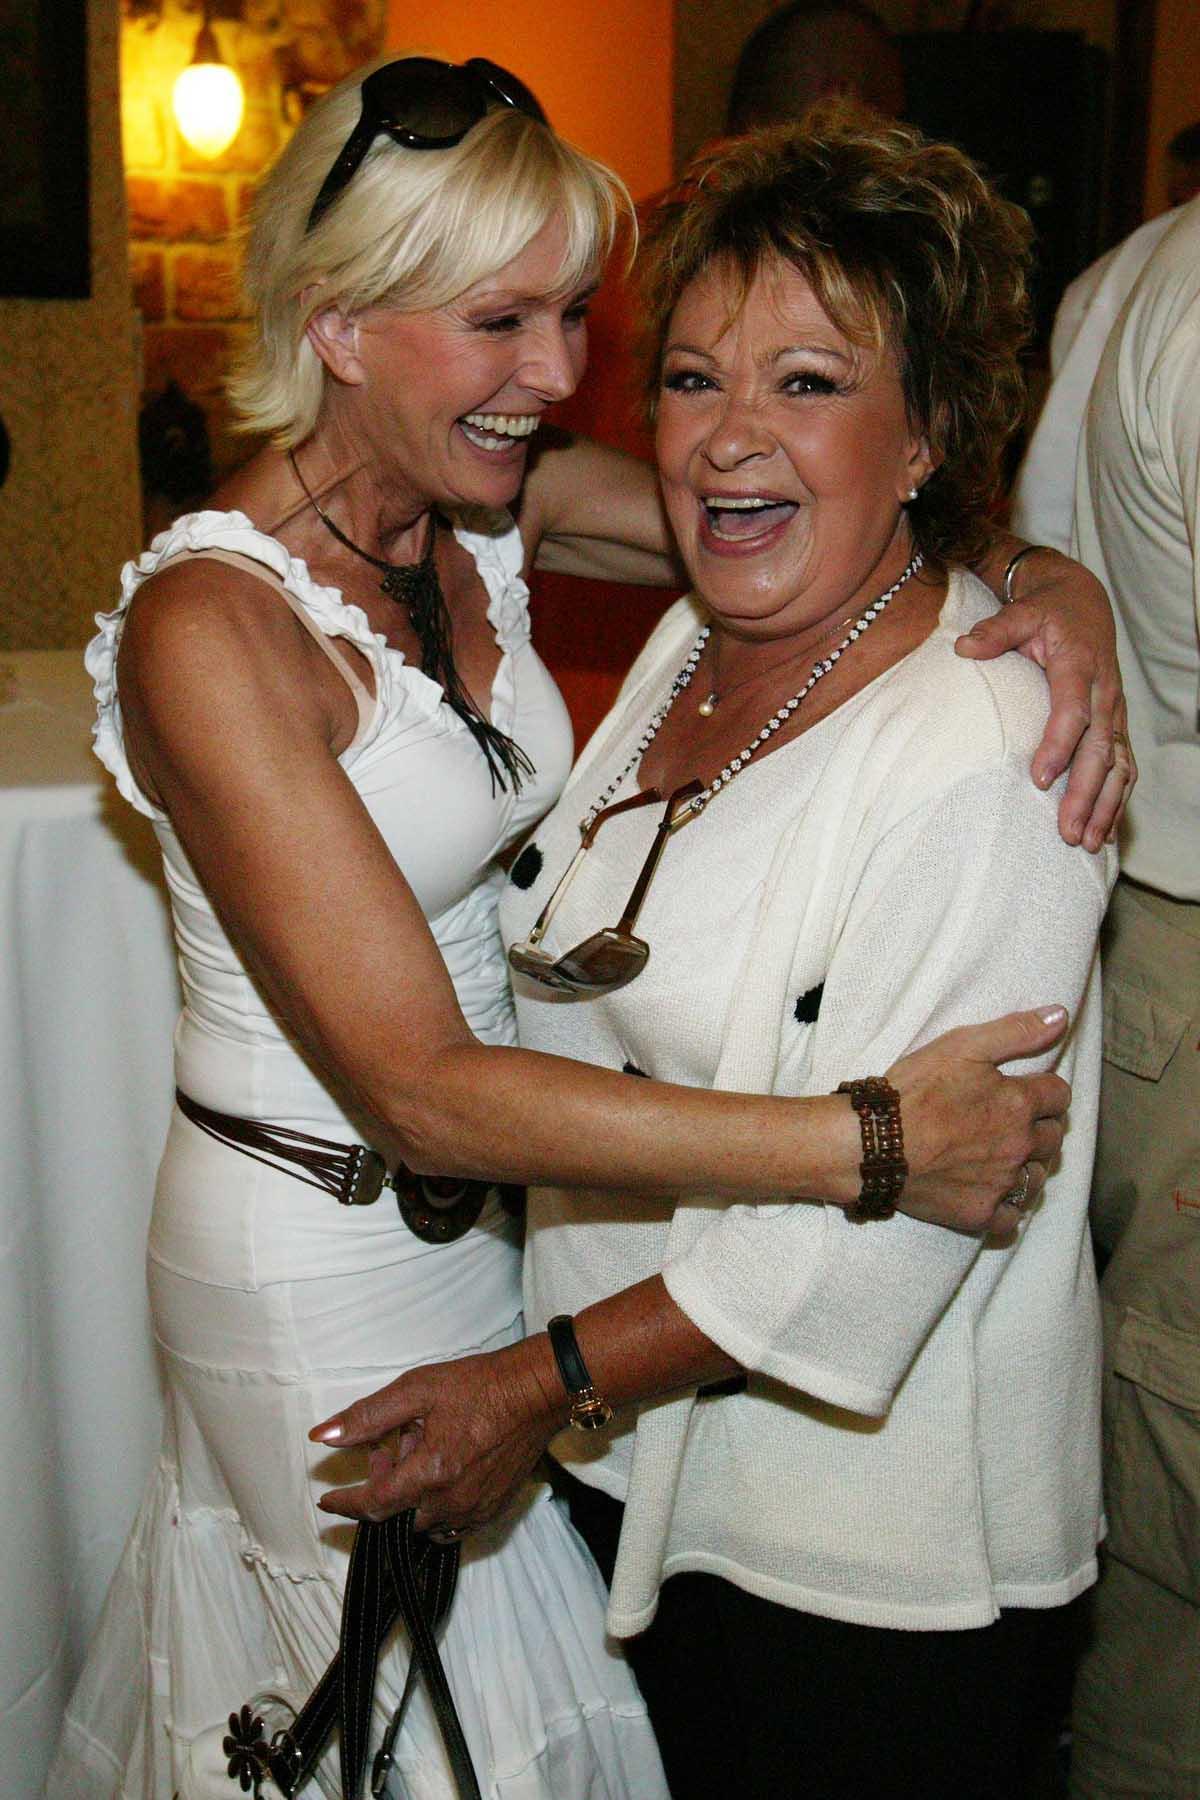 Jiřinu Bohdalovou a Helenu Vondráčkovou pojí letité přátelství